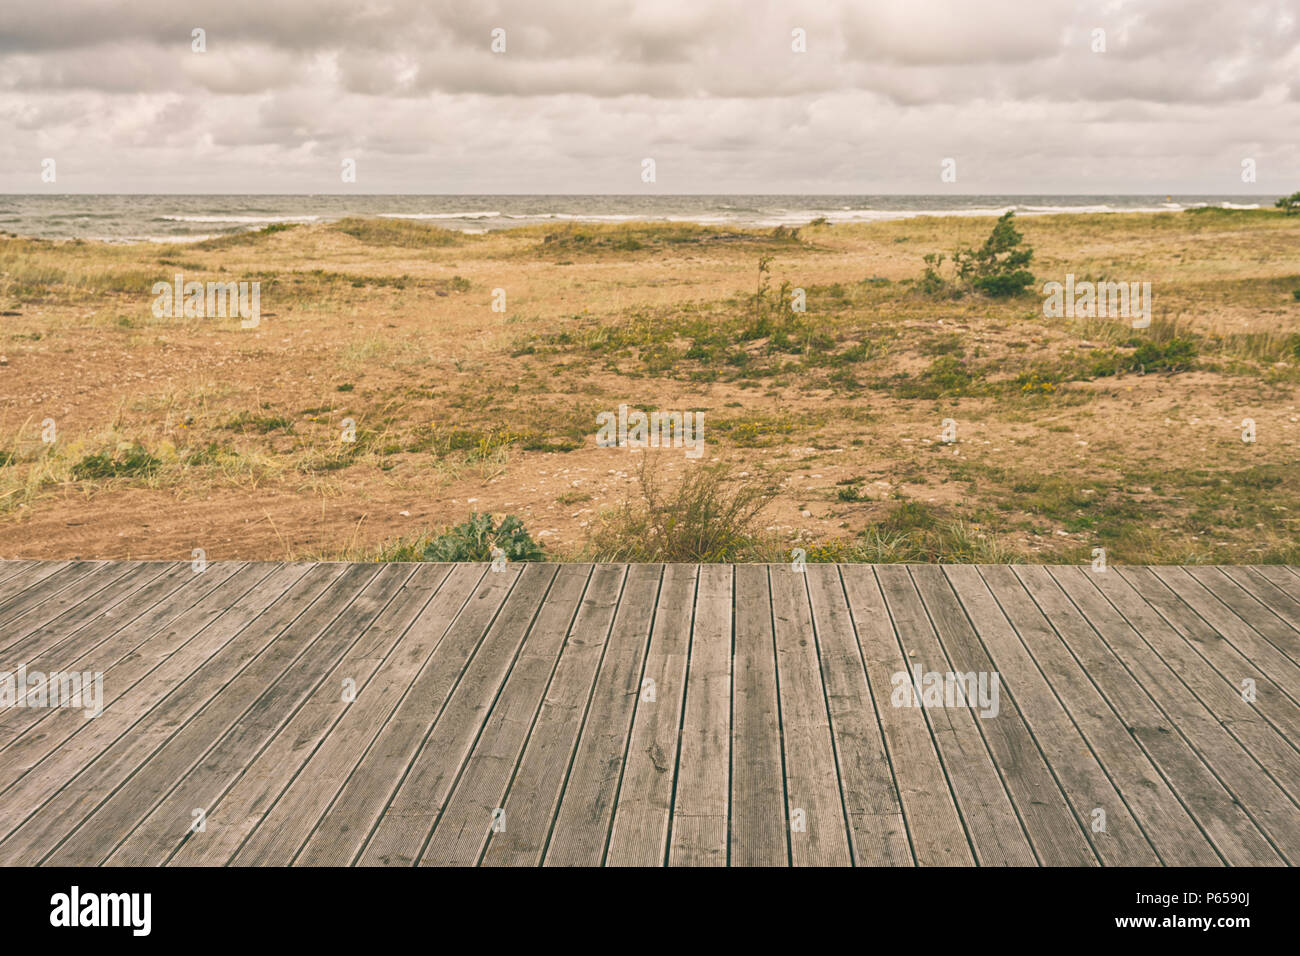 Musgo Amarillo En La Terraza De Madera Barandillas En La